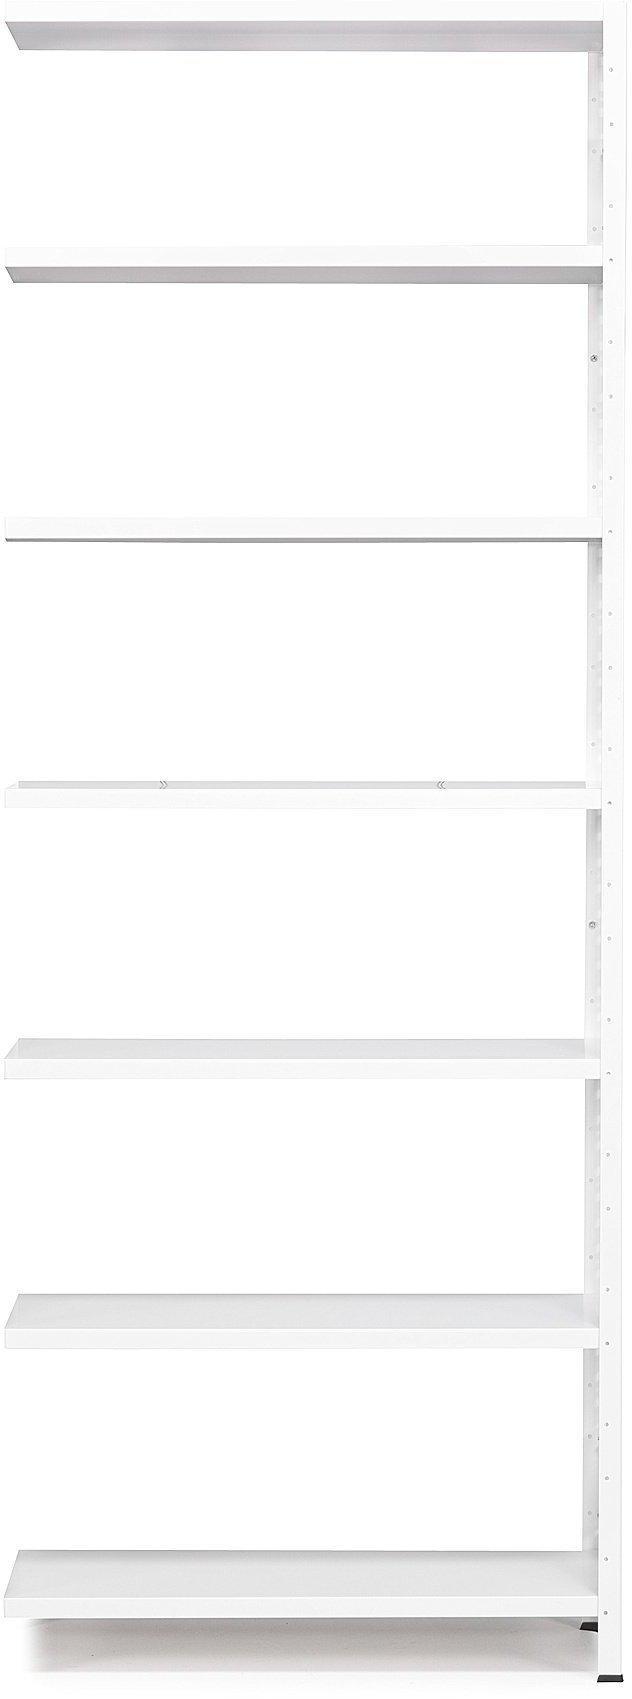 Kancelársky regál Light, prídavná sekcia, 2500x1005x300 mm, biely